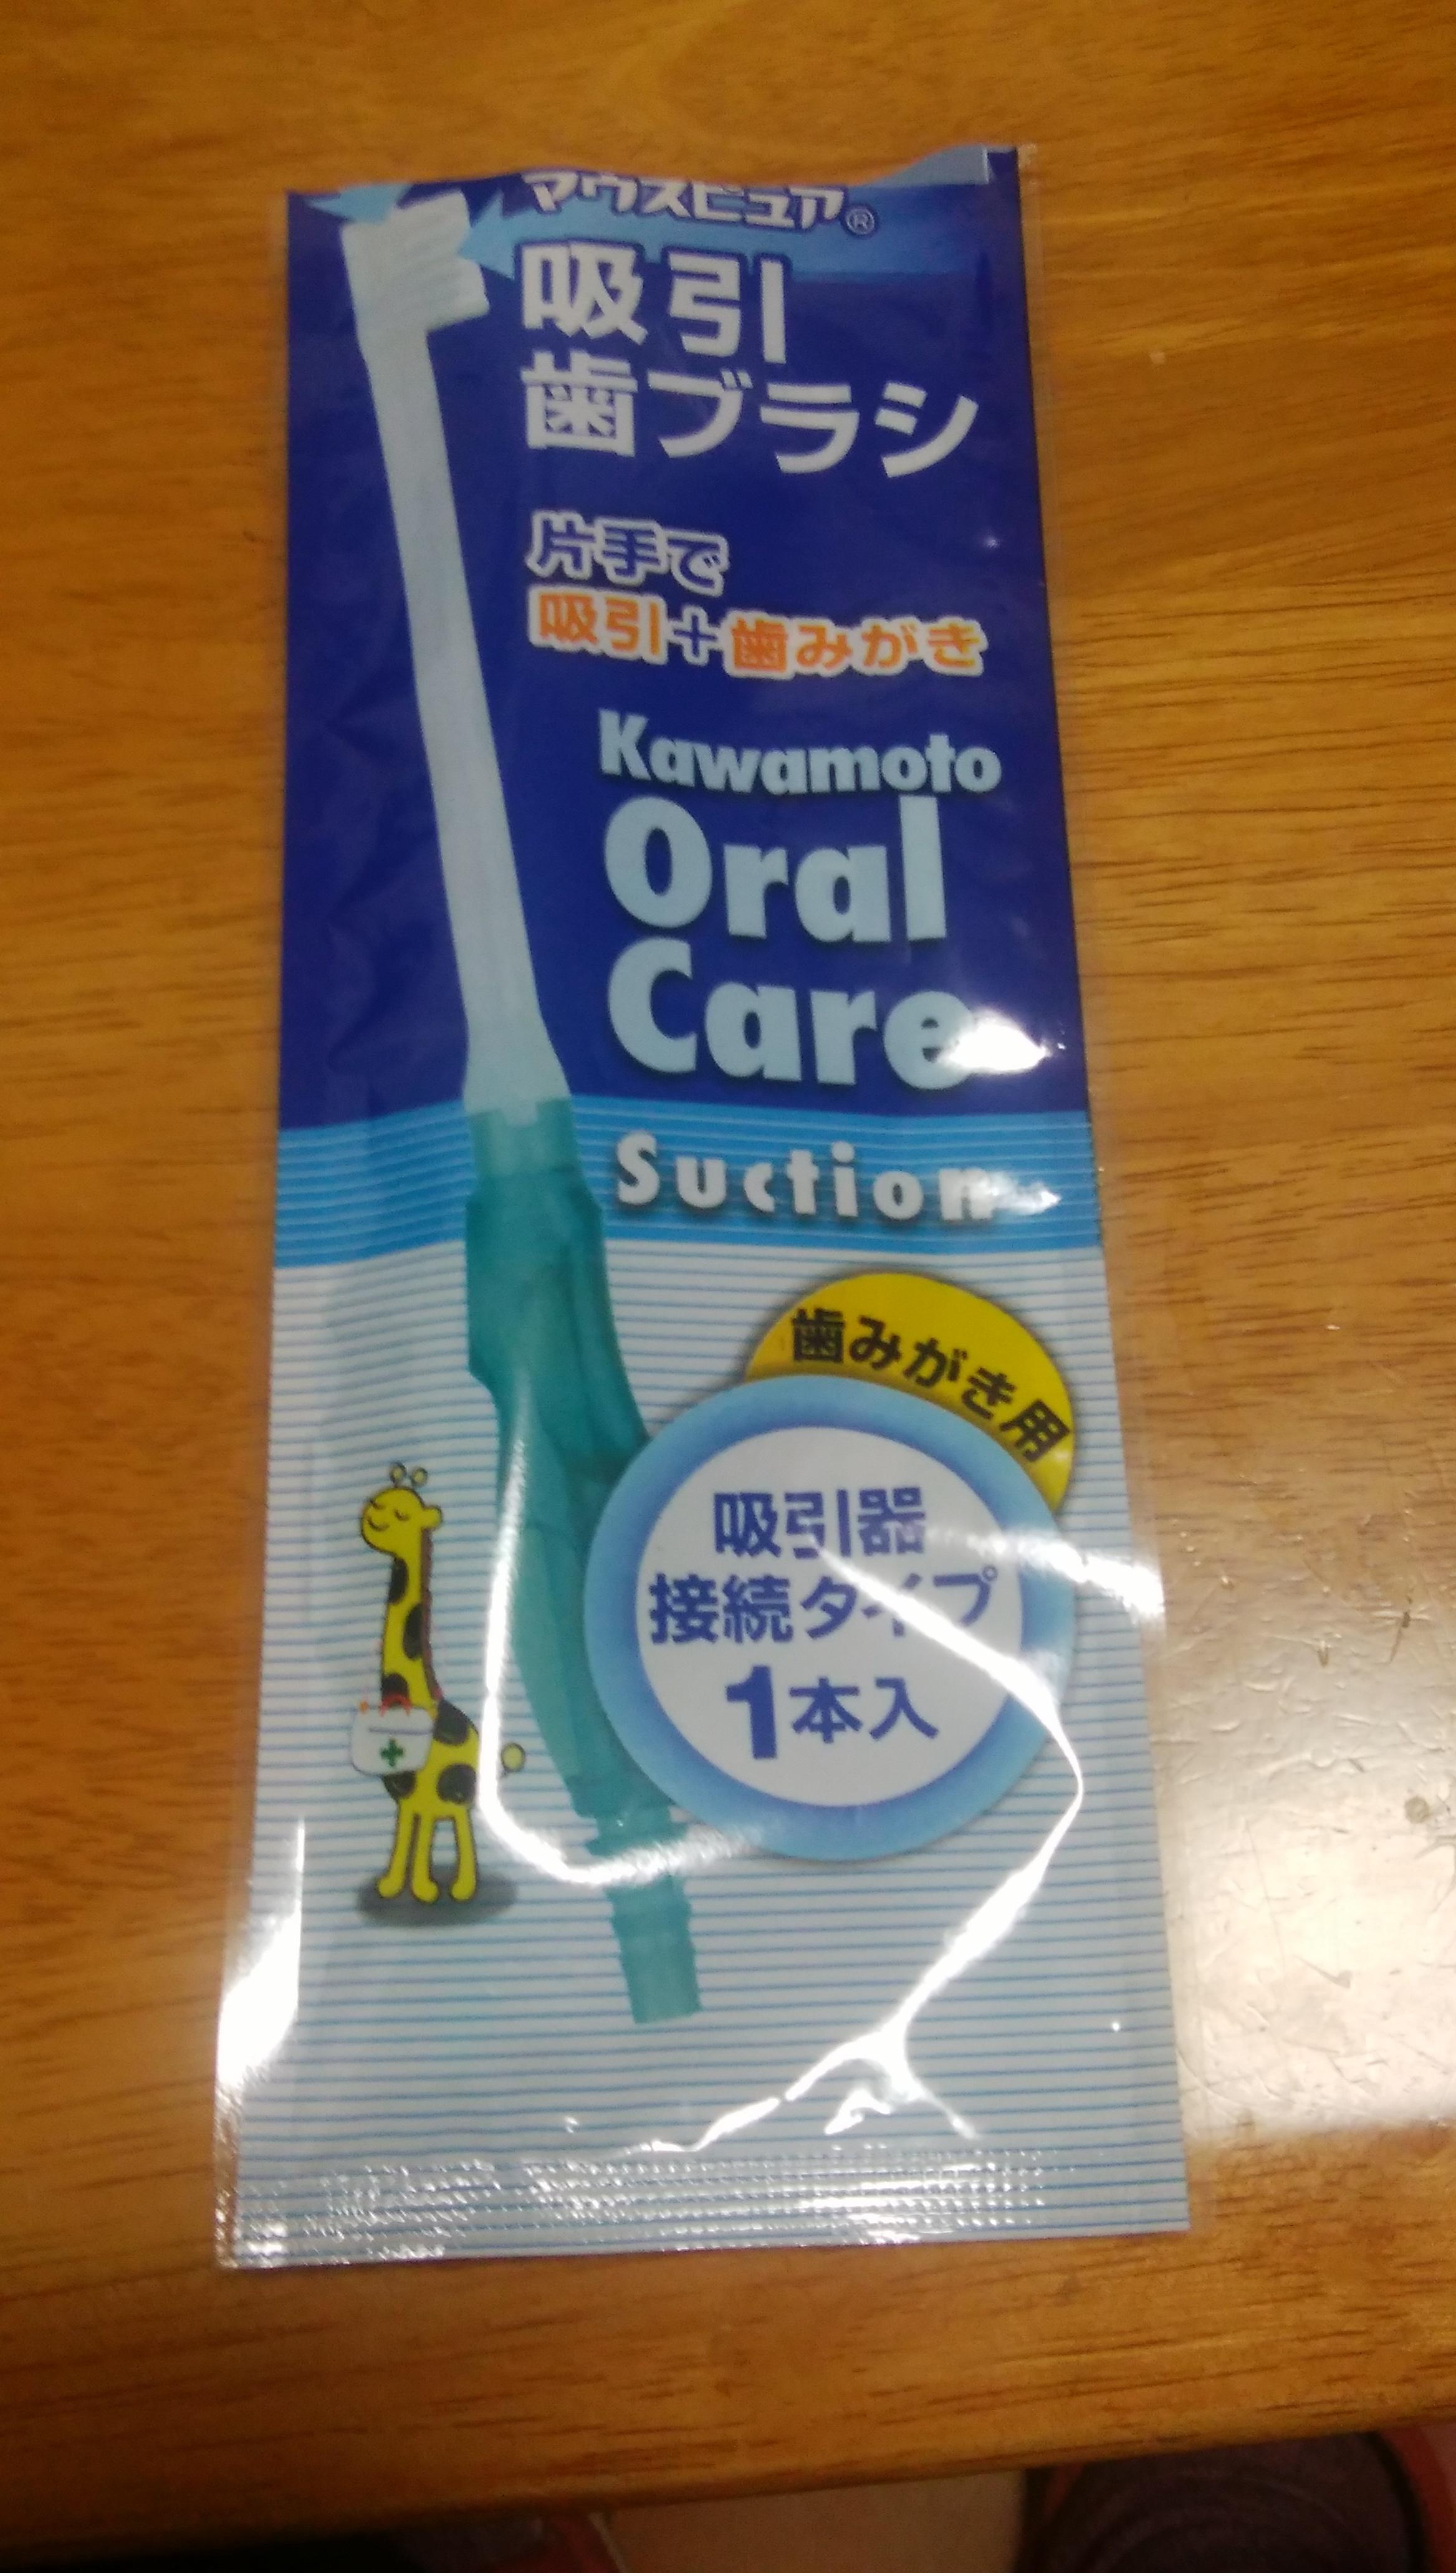 吸引歯ブラシ